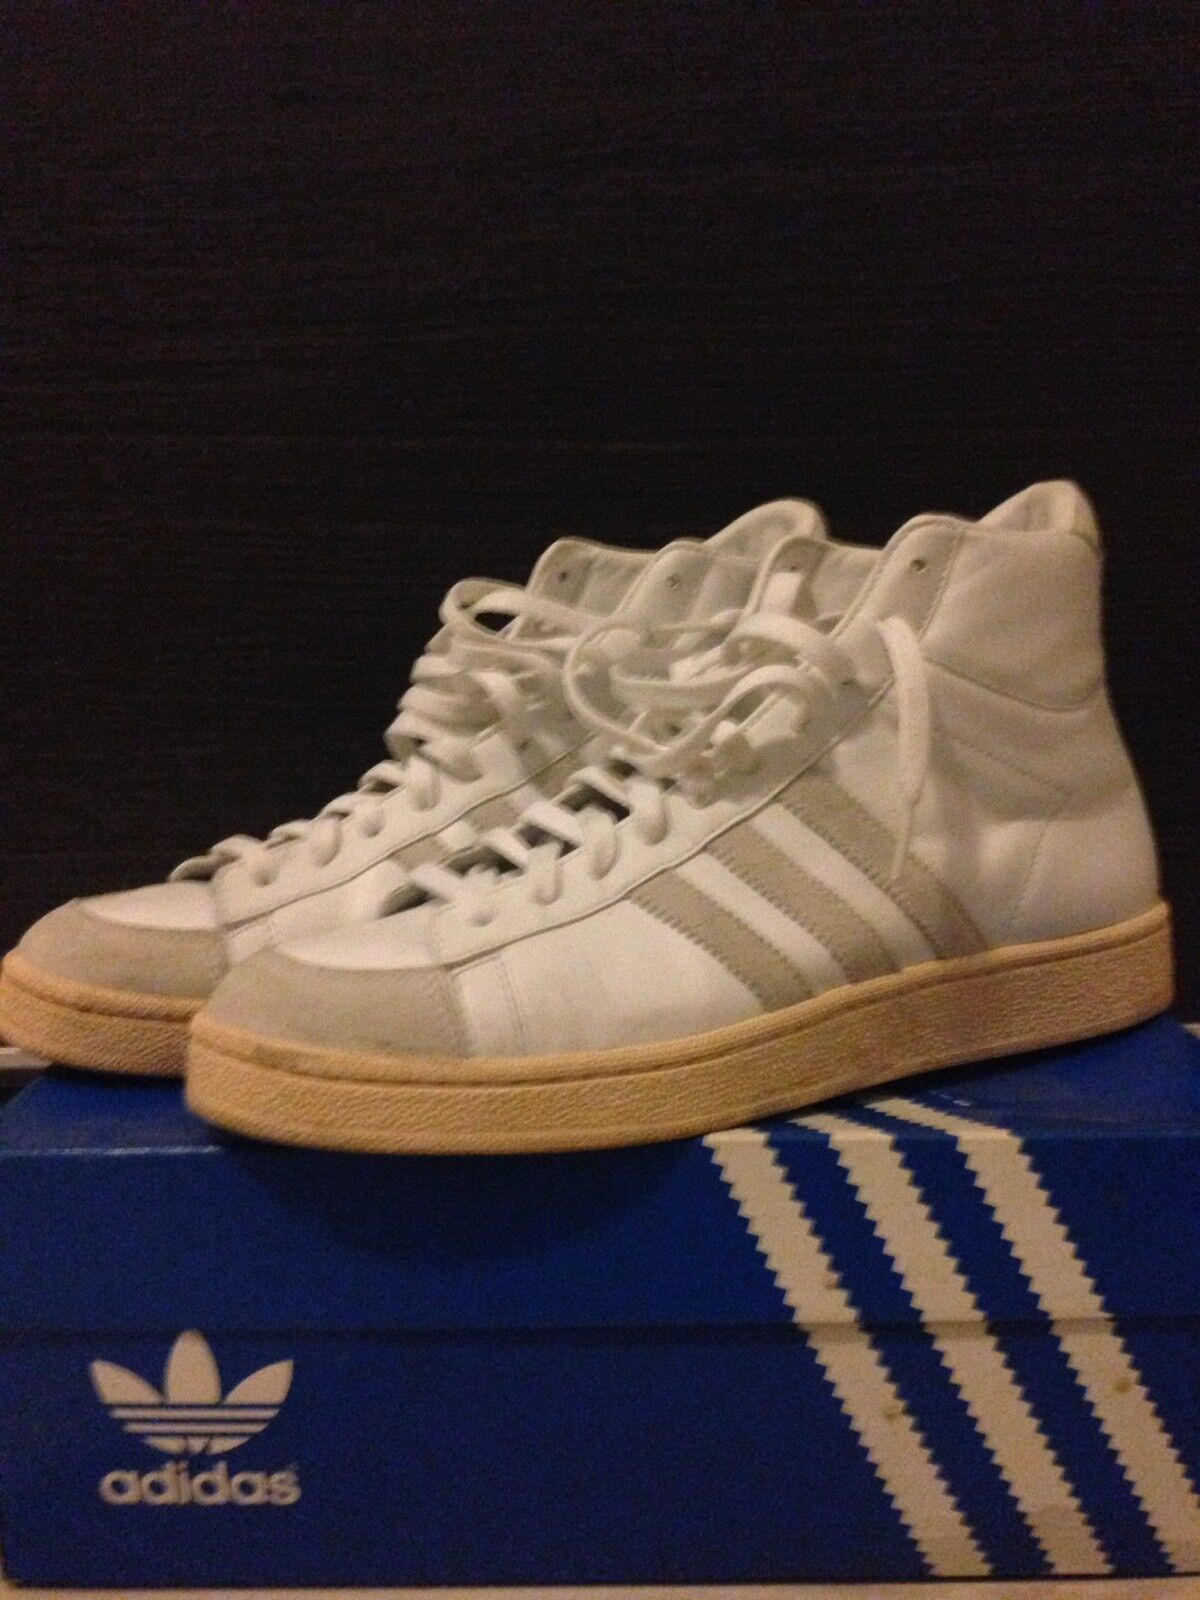 Adidas Jabbar Hi Blanc/ Blanc /Doré